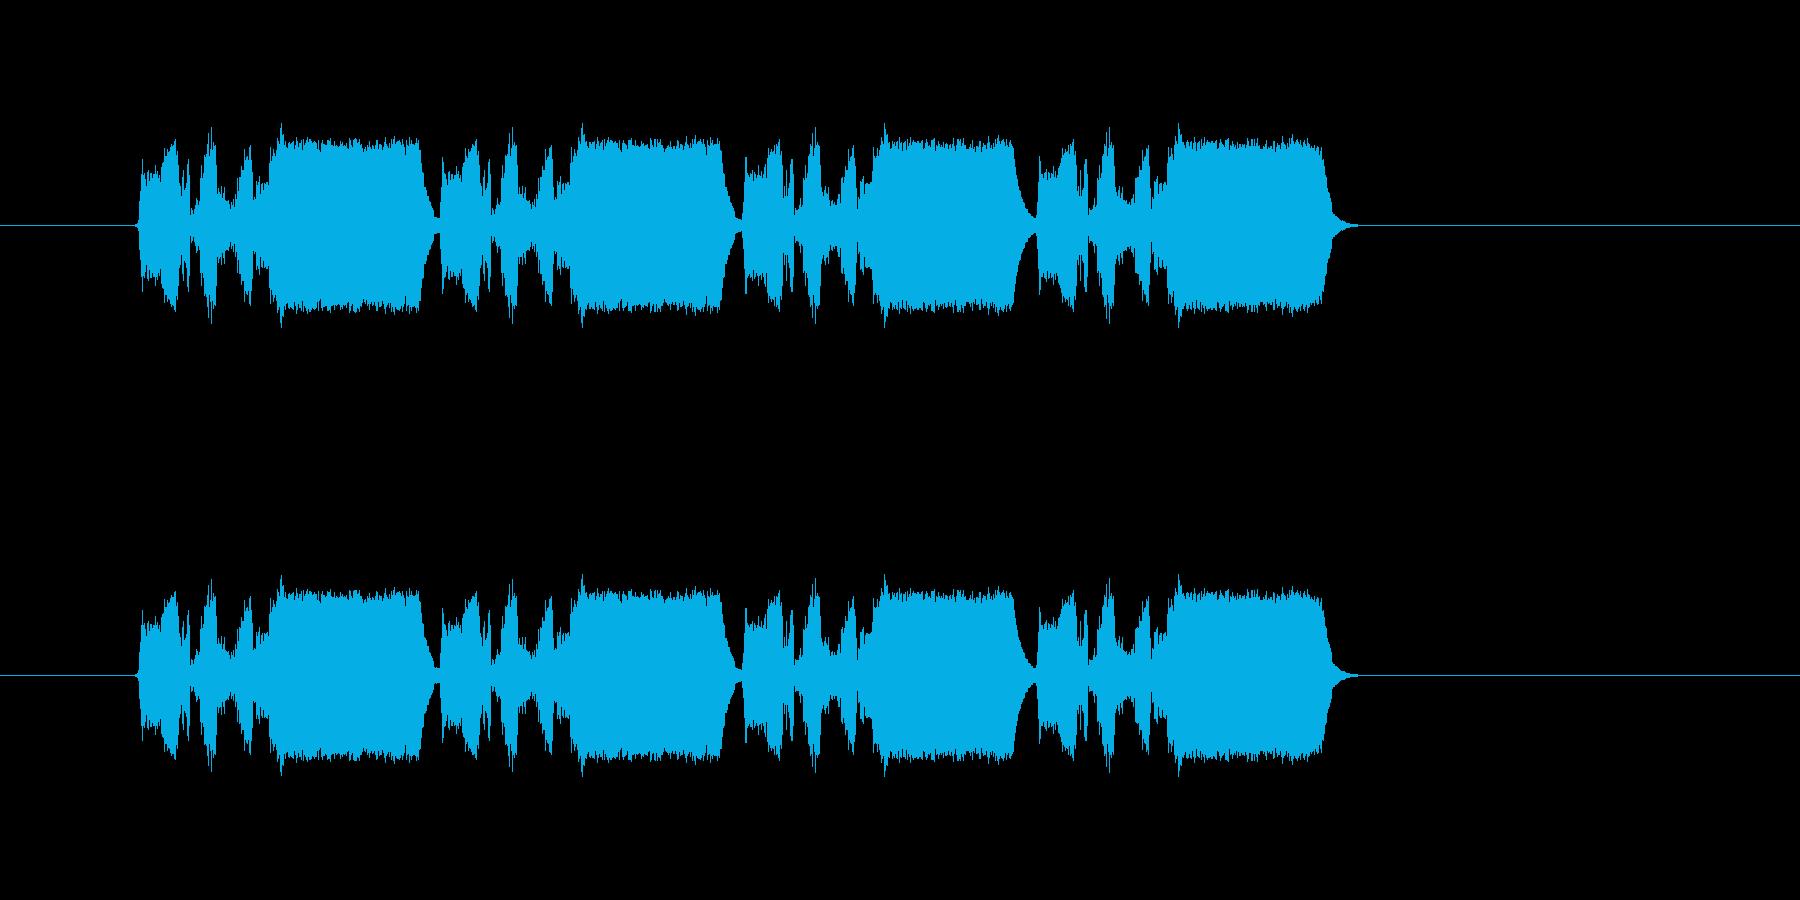 危険やエラーを感知したような唐突音の再生済みの波形